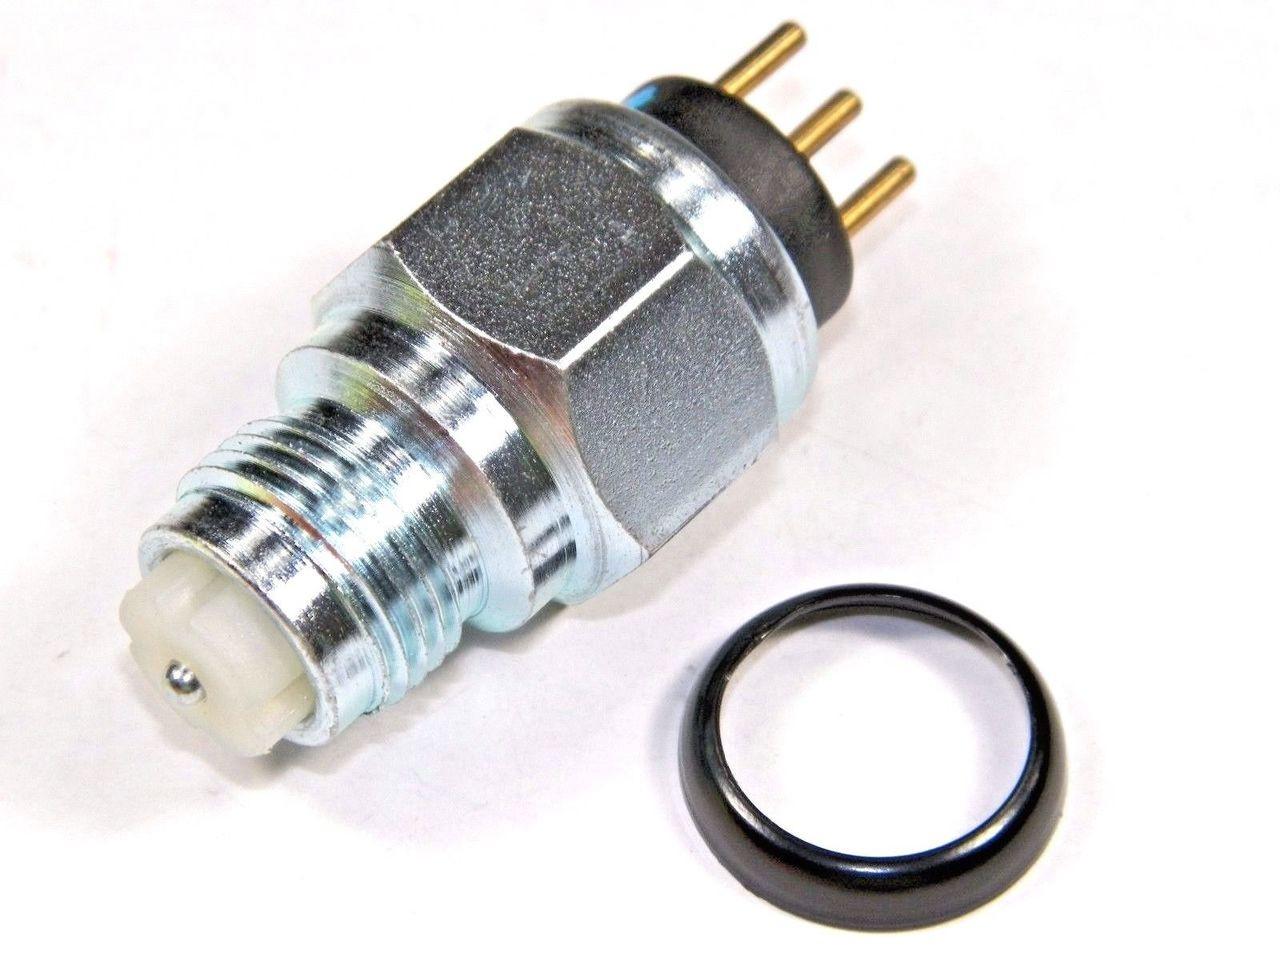 medium resolution of chrysler 727 neutral safety switch wiring schematic diagram727 neutral safety switch wiring diagram wiring diagram mopar